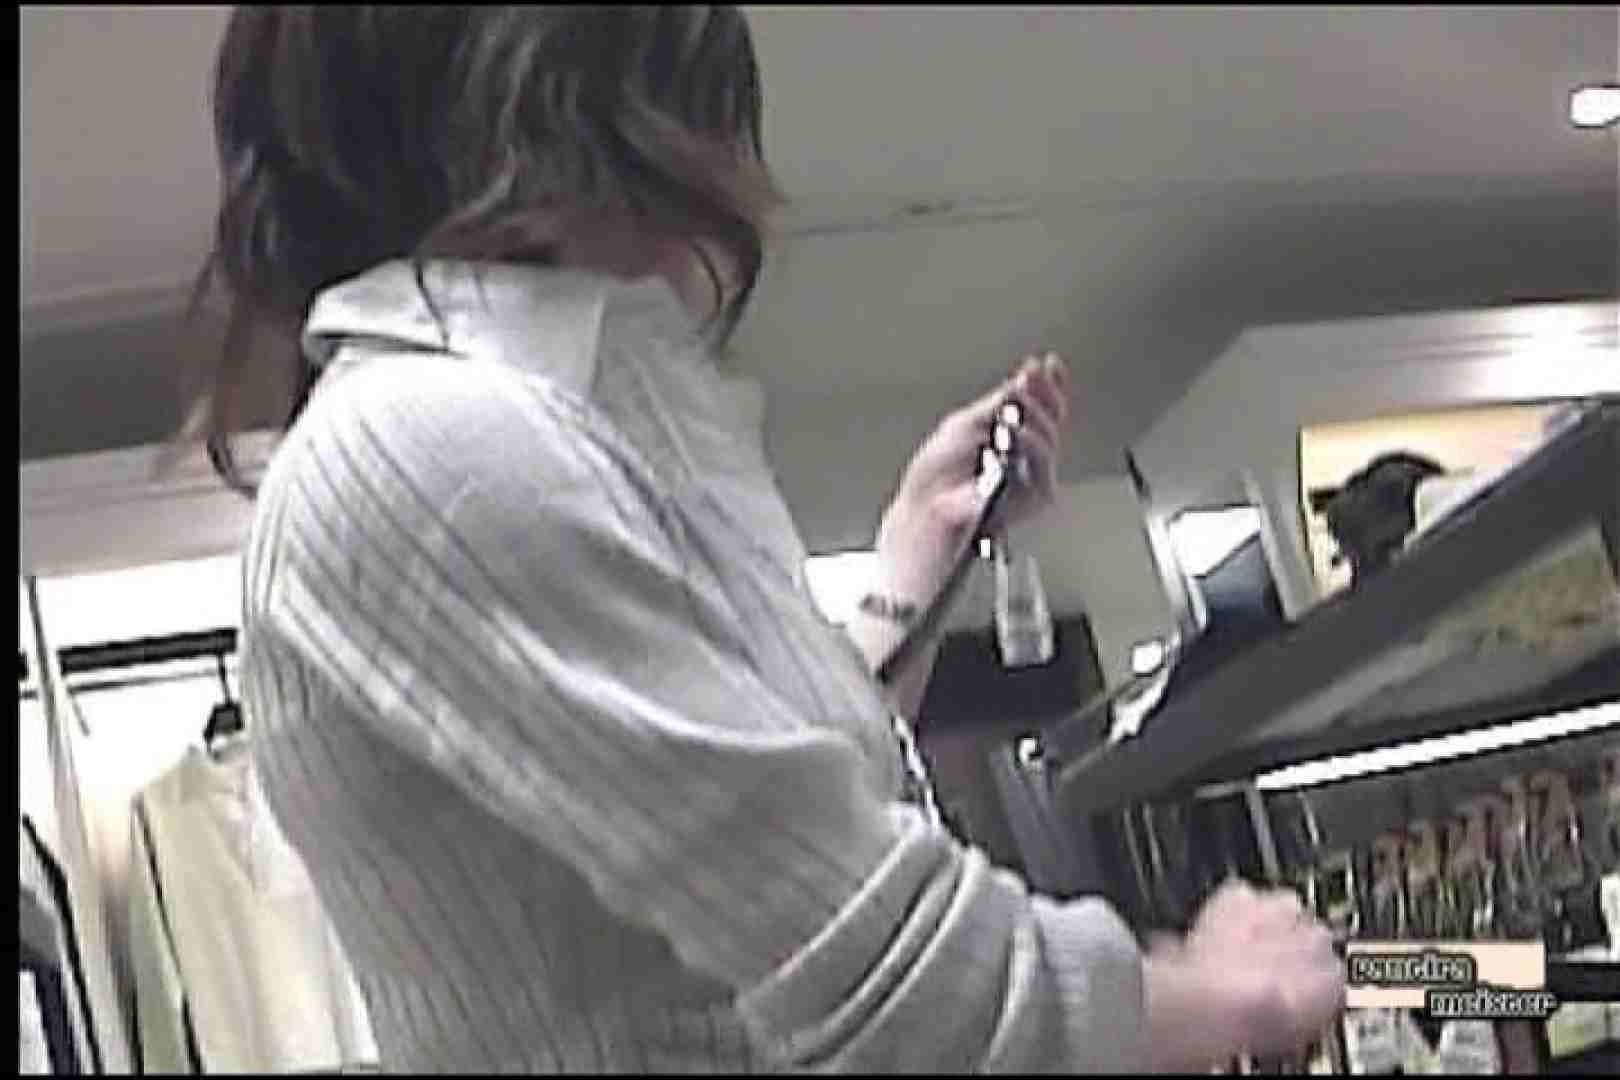 オリジナルパンチラ No.219 チラ 盗撮エロ画像 30pic 20